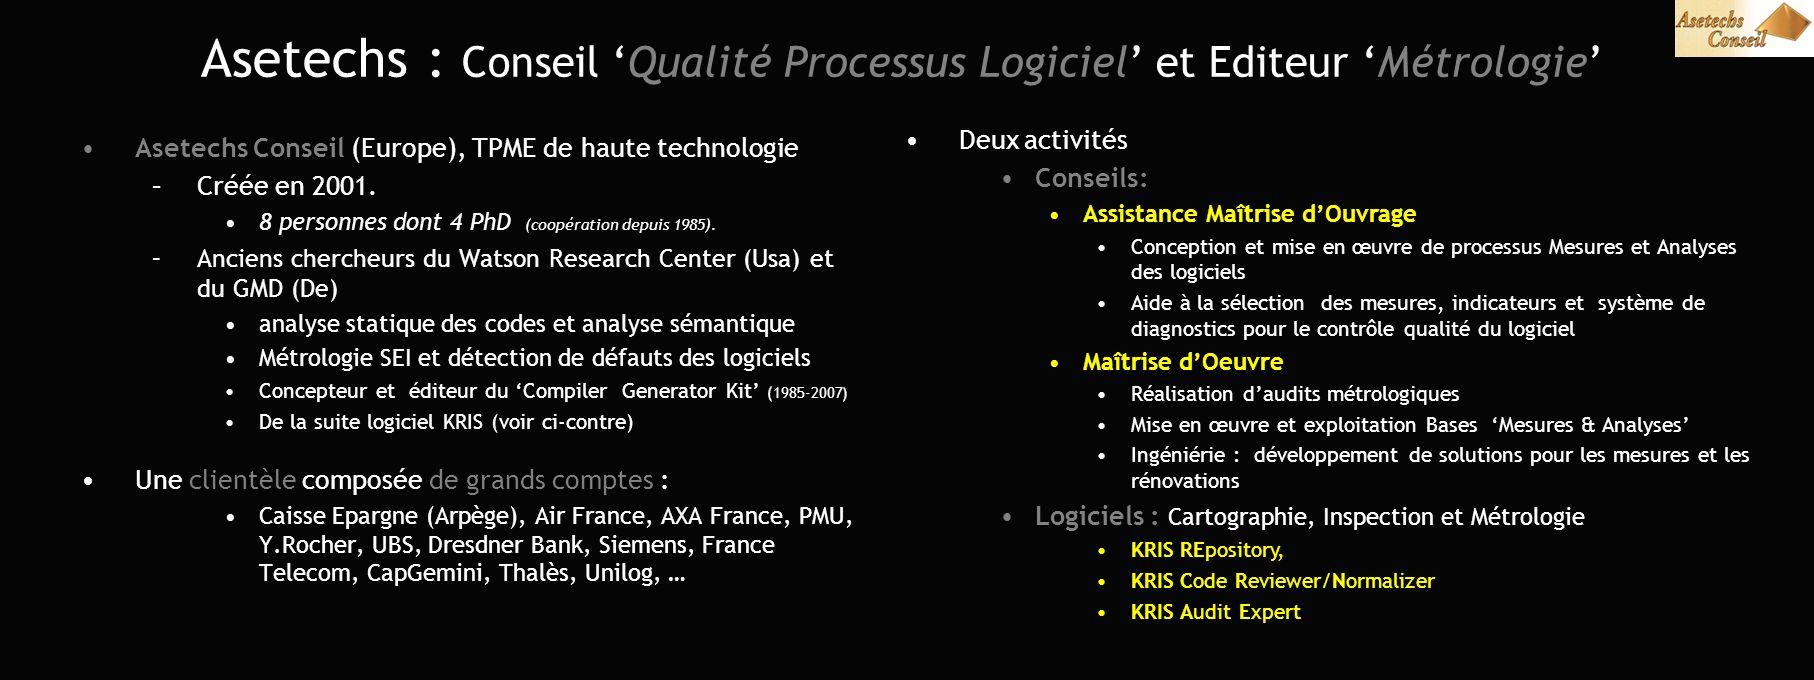 Asetechs : Conseil Qualité Processus Logiciel et Editeur Métrologie Asetechs Conseil (Europe), TPME de haute technologie –Créée en 2001.